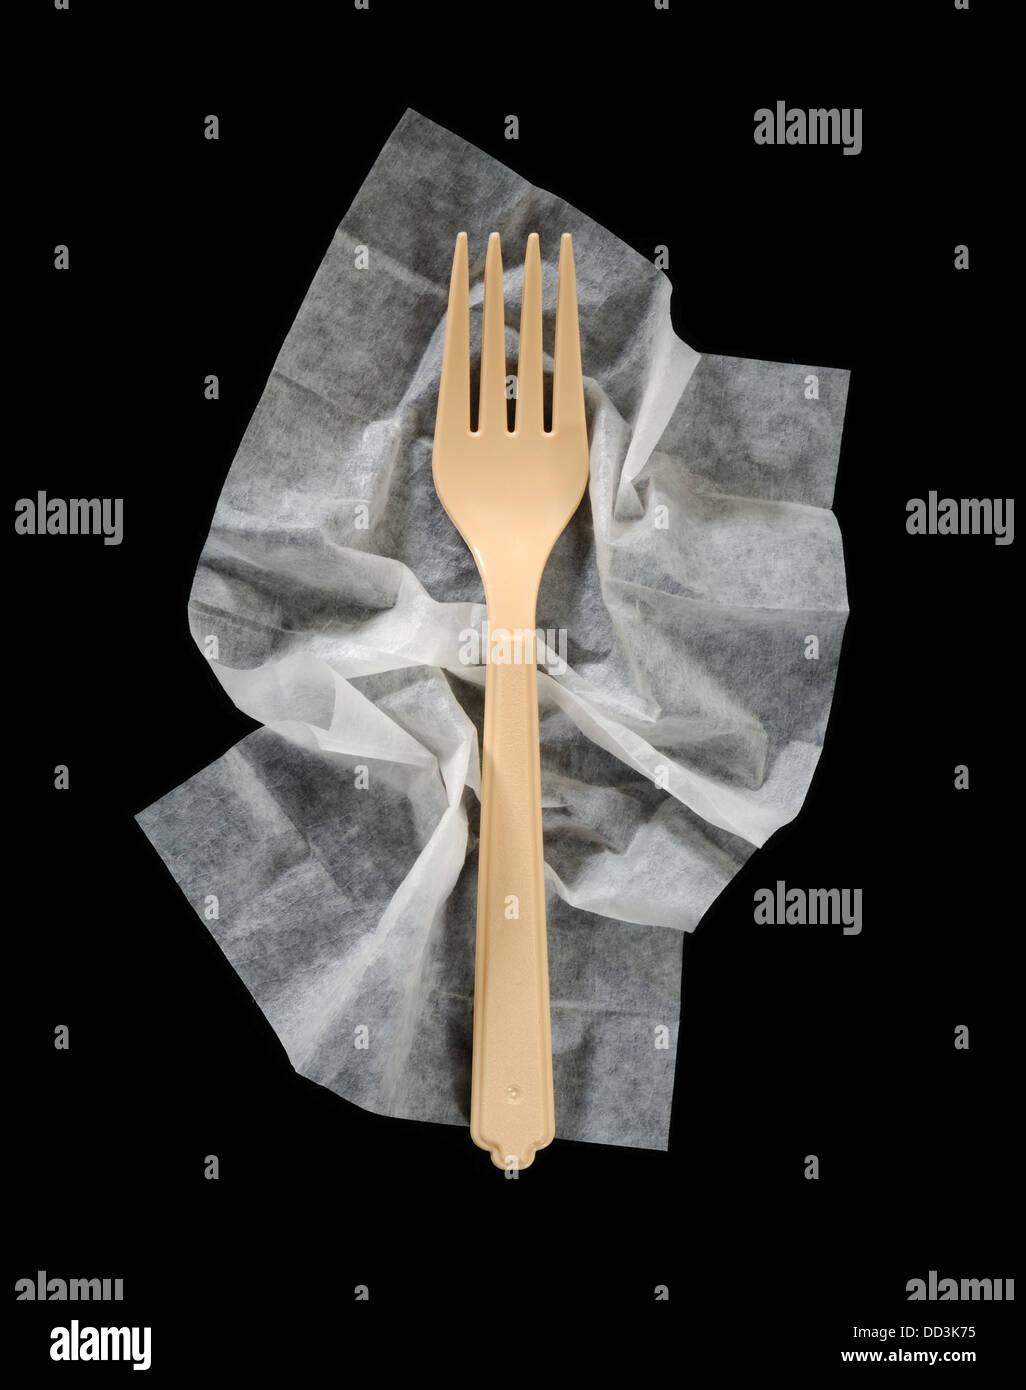 Ein Kunststoff Menuegabel auf einem zerknitterten Reinigung Serviette. Stockbild